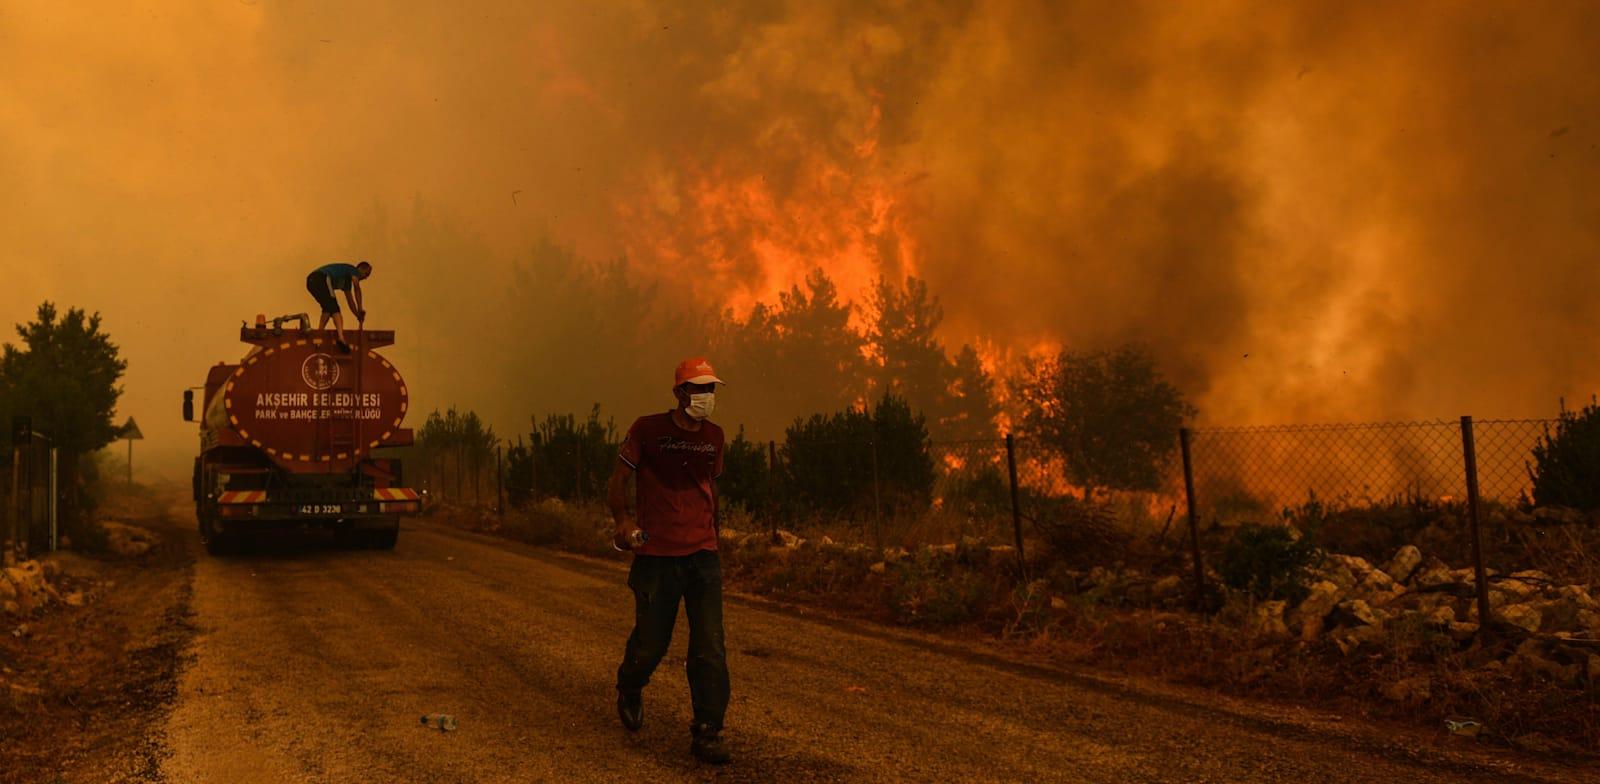 שריפת ענק ליד כפר שנמצא בסמיכות לעיר הטורקית מנבגט / צילום: Associated Press